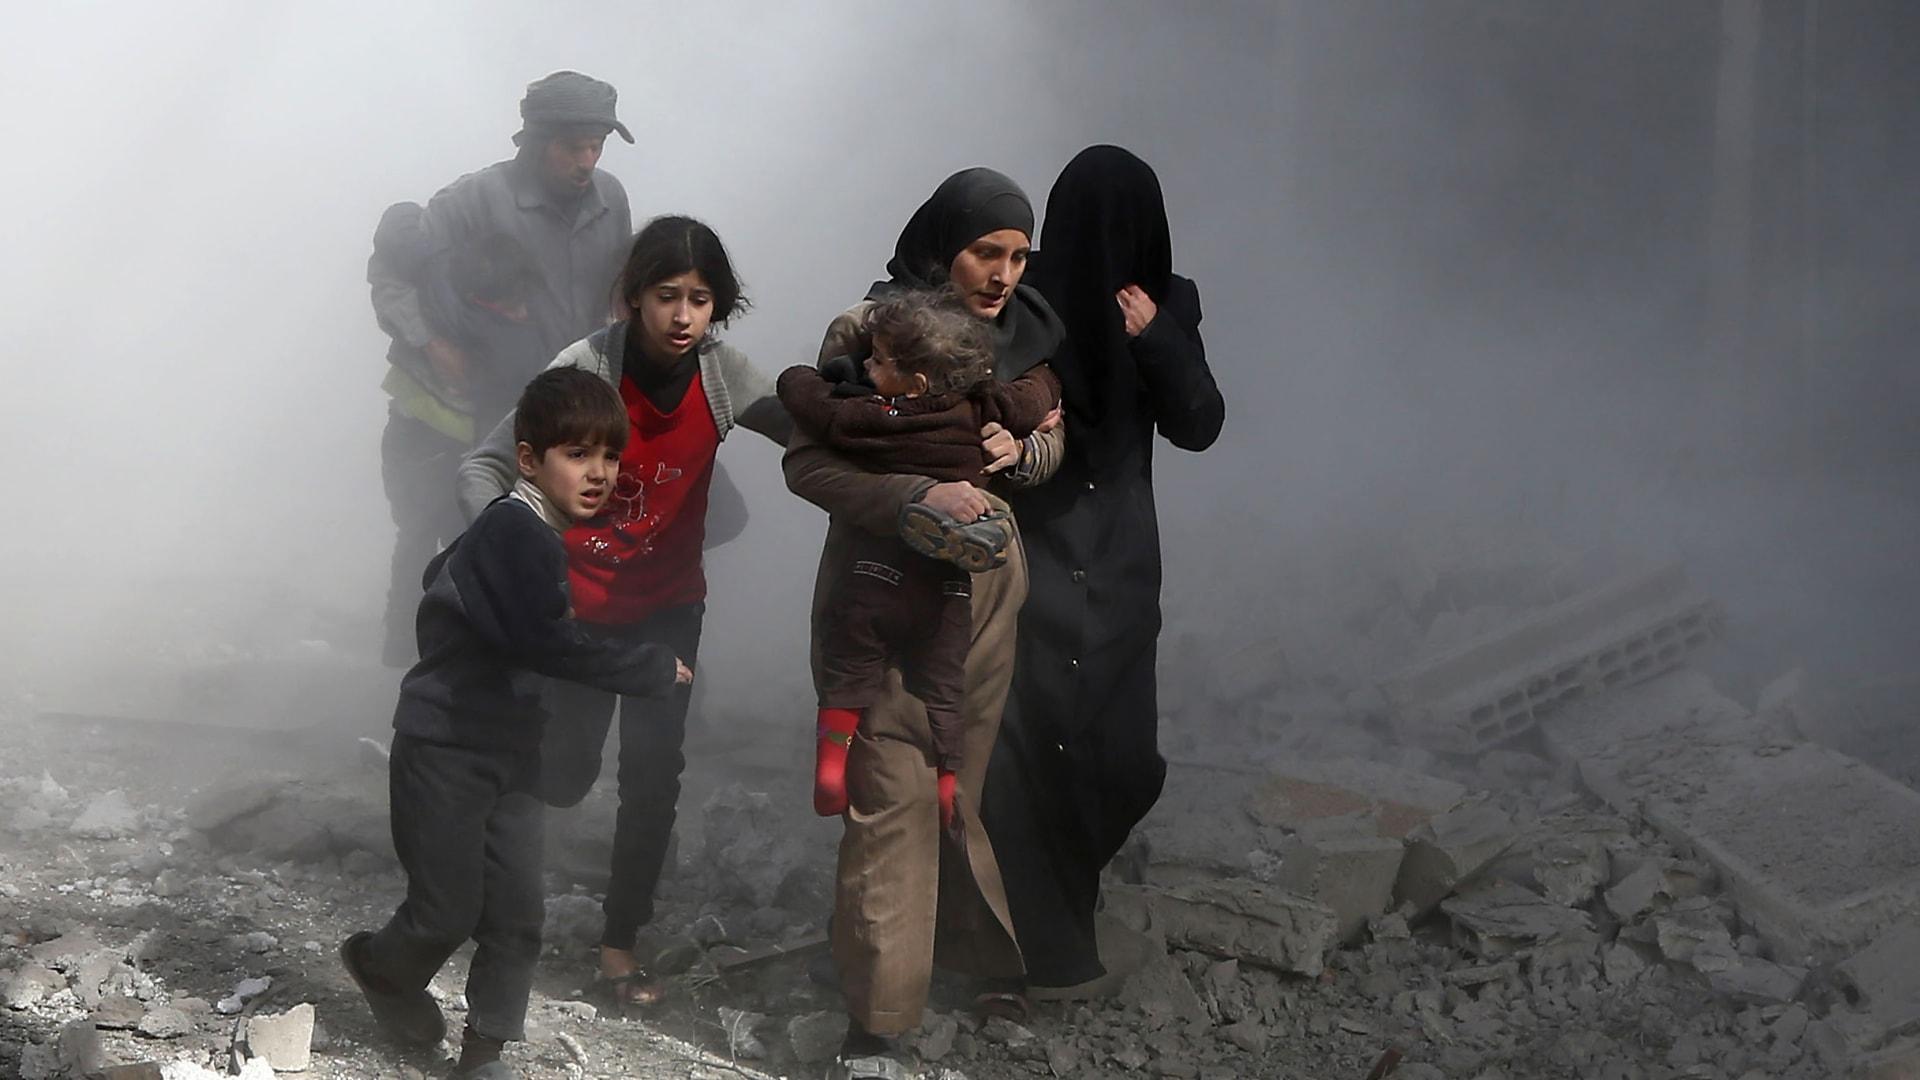 تقرير للأمم المتحدة: تحديد هوية القتلى المدنيين خلال 10 سنوات من النزاع في سوريا